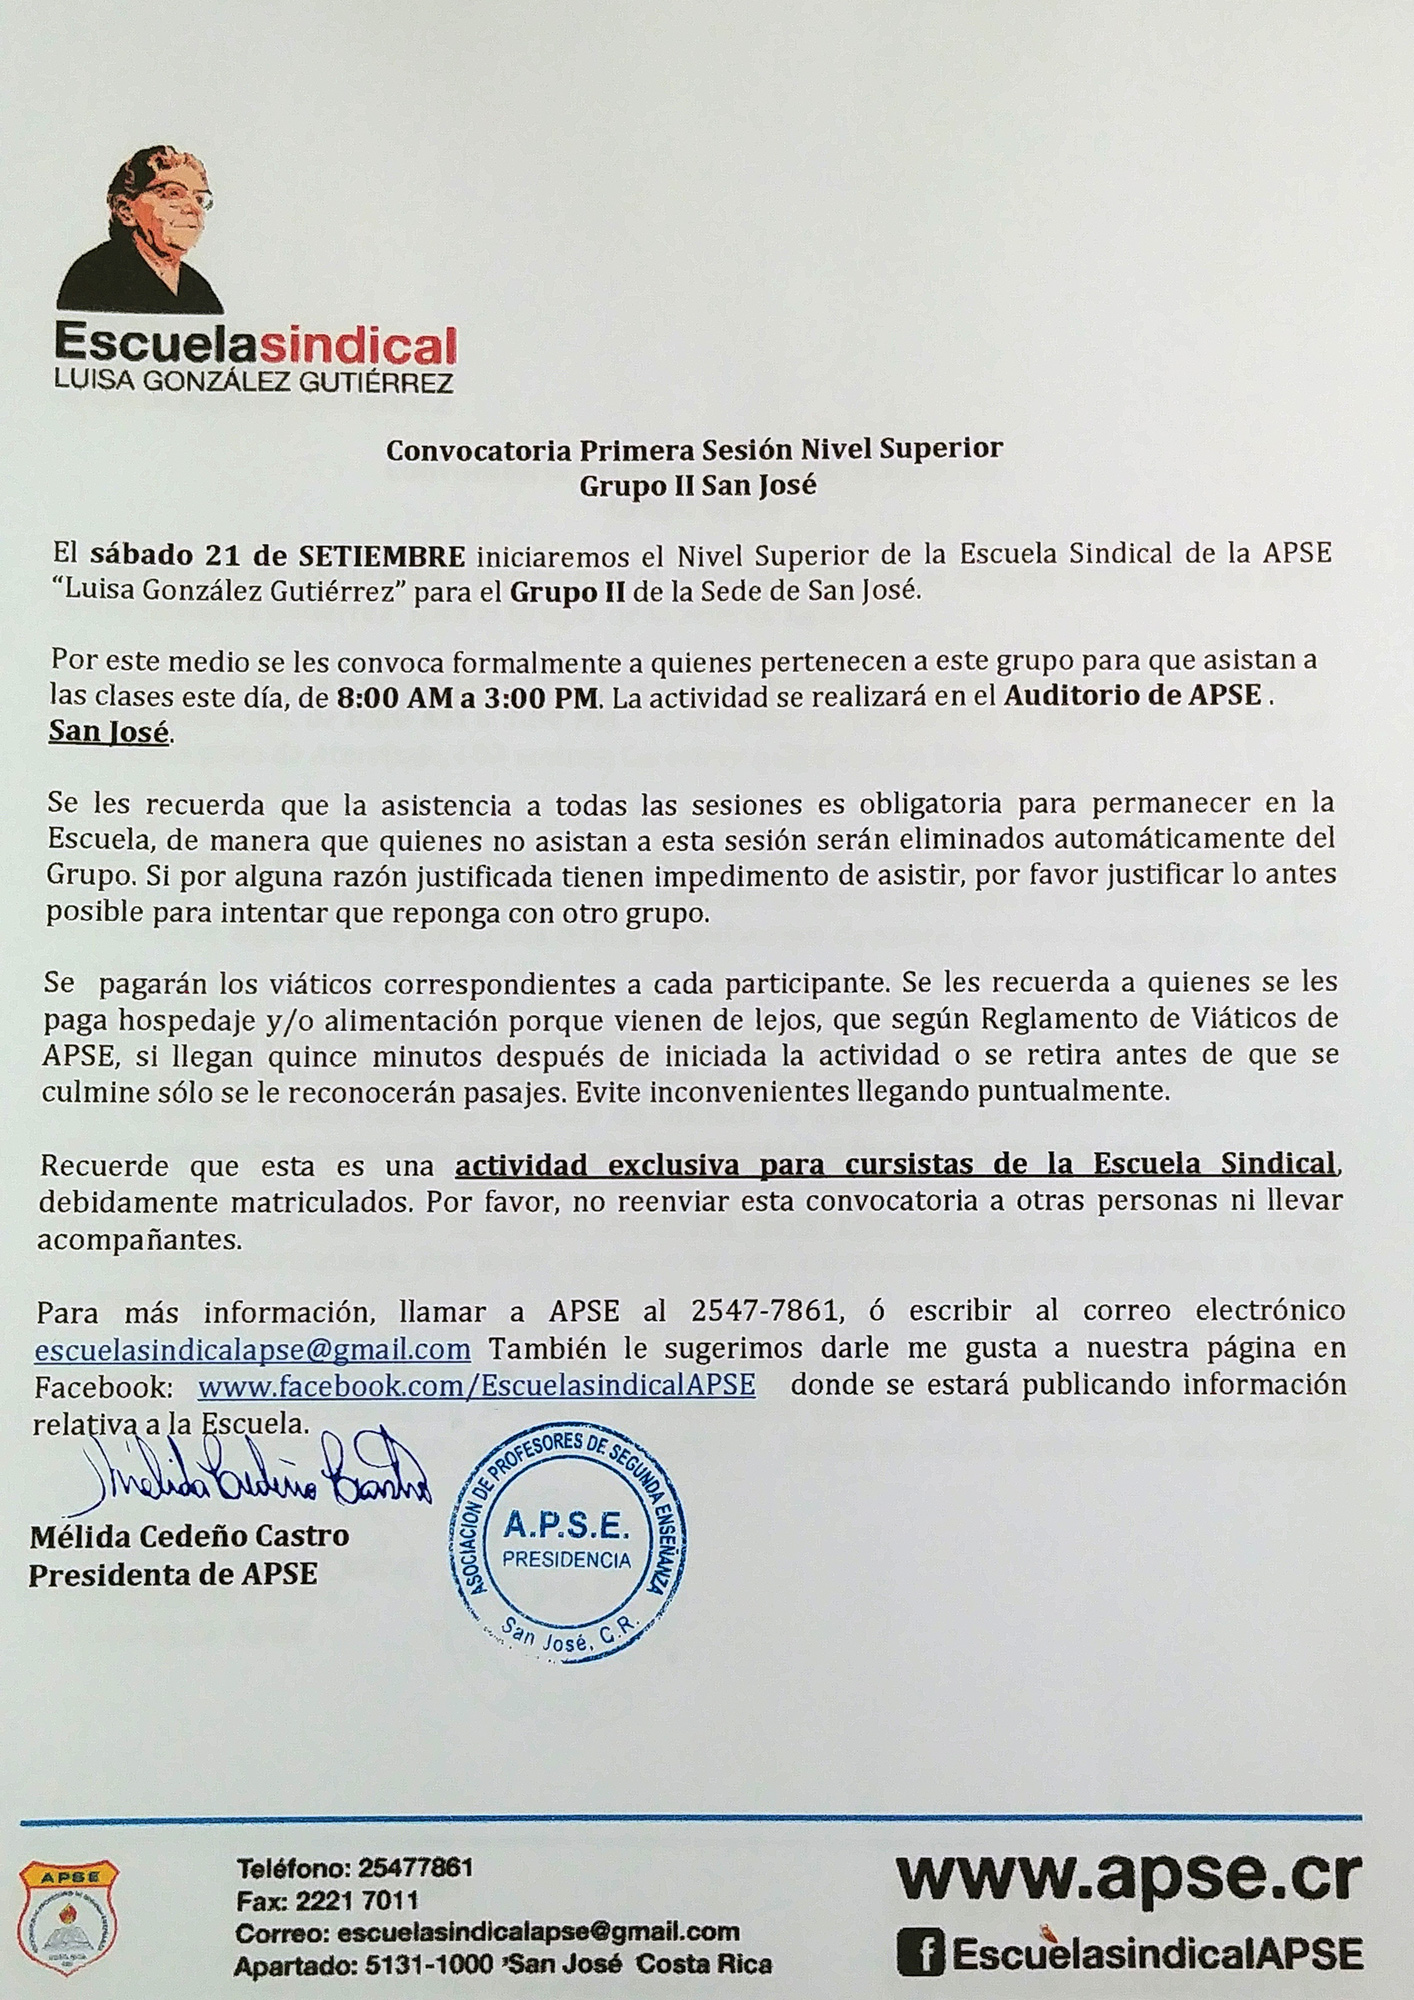 ESCUELA SINDICAL DE APSE – CONVOCATORIA PRIMERA SESIÓN NIVEL SUPERIOR – GRUPO SAN JOSÉ 2 – SÁBADO 21 DE SETIEMBRE 2019